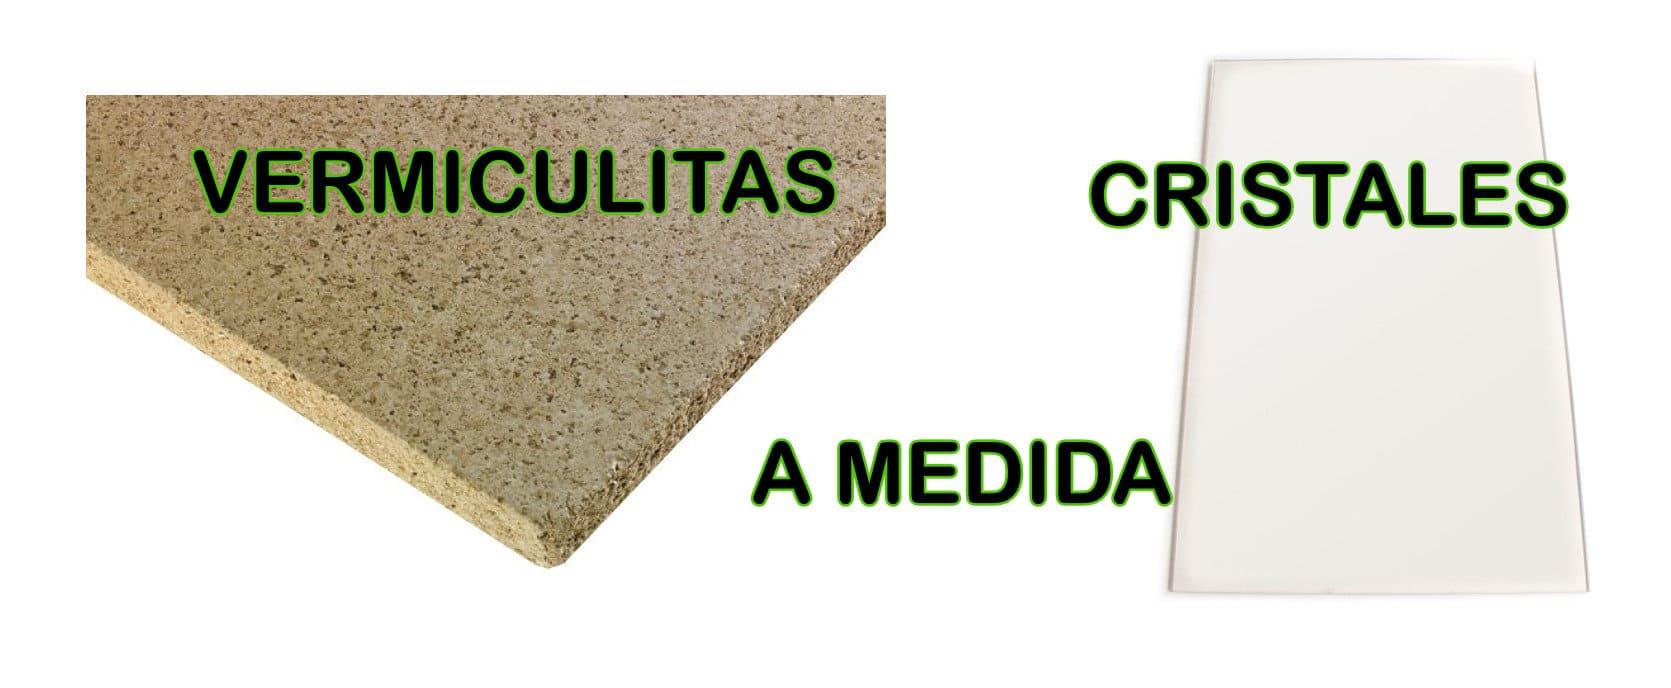 Cristales y vermiculitas a medida